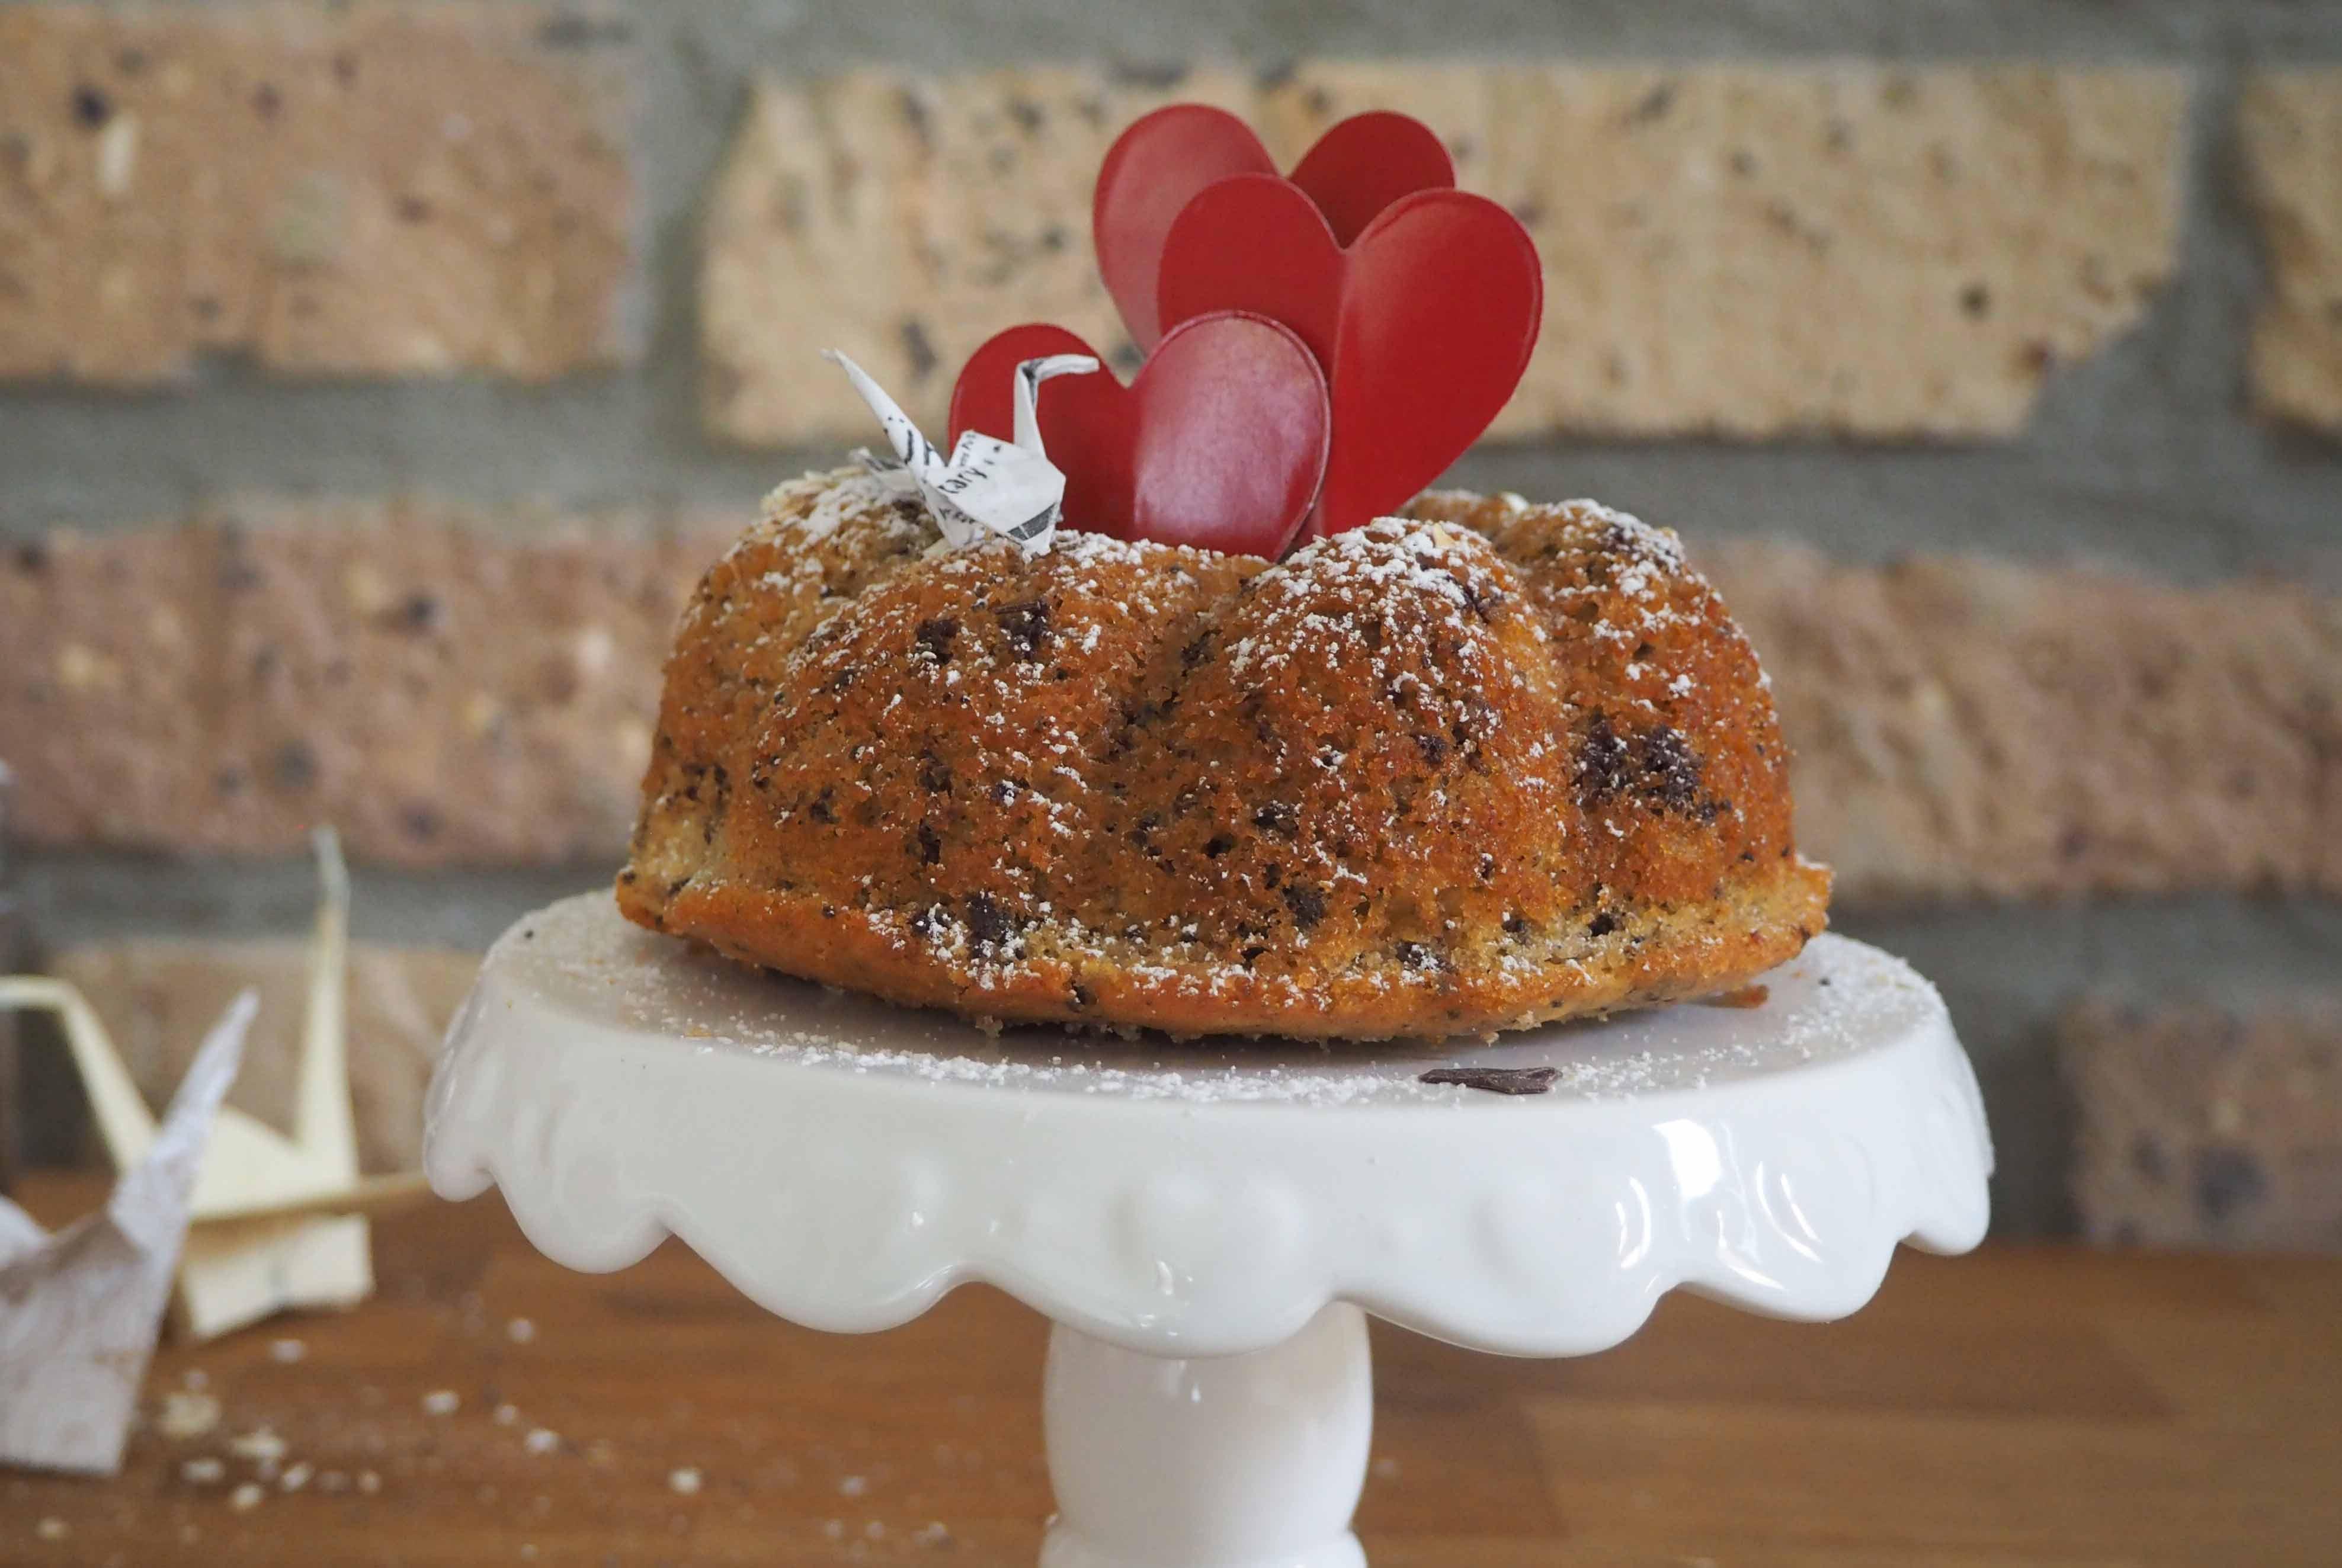 Valentinstag-Idee: Mini Gugelhupf und Muffins mit Banane, Haferflocken und Schokolade